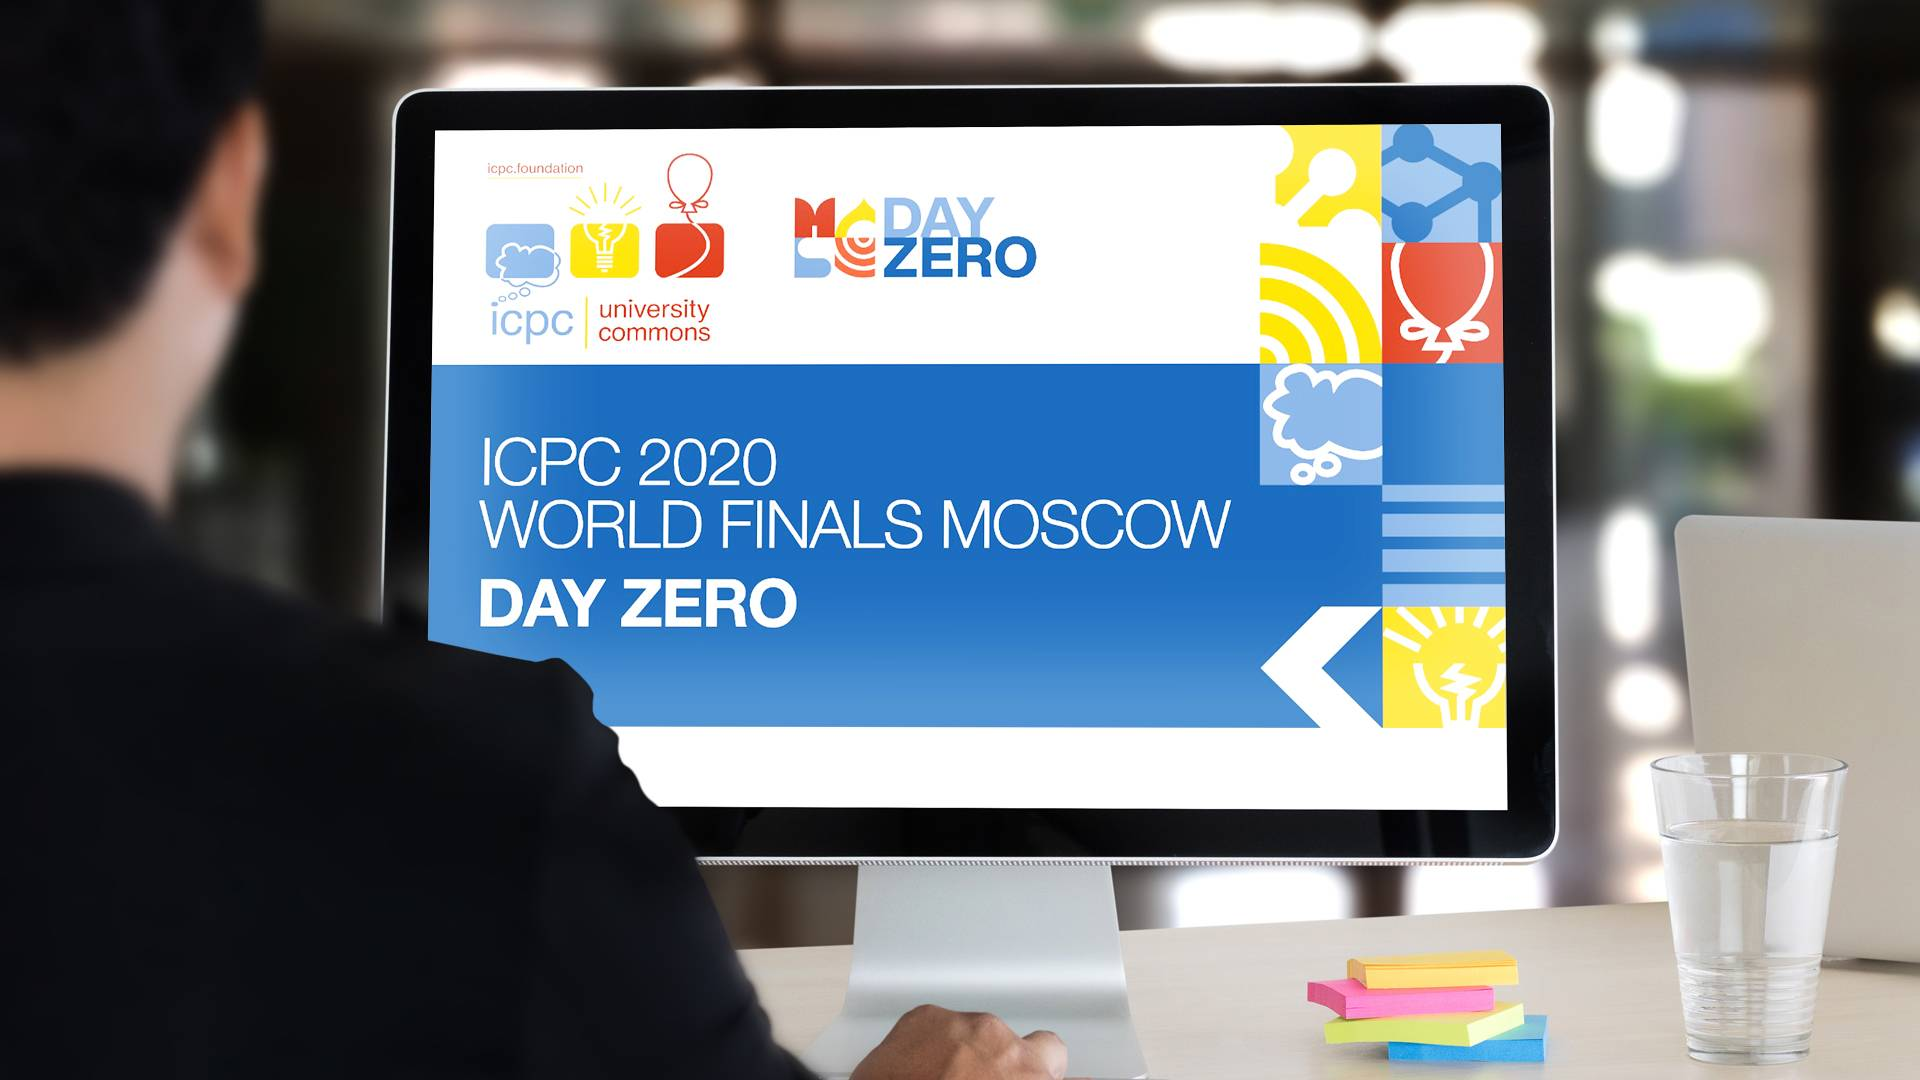 27 июня 2020 года прошло ICPC 2020 World Finals Moscow: Day Zero